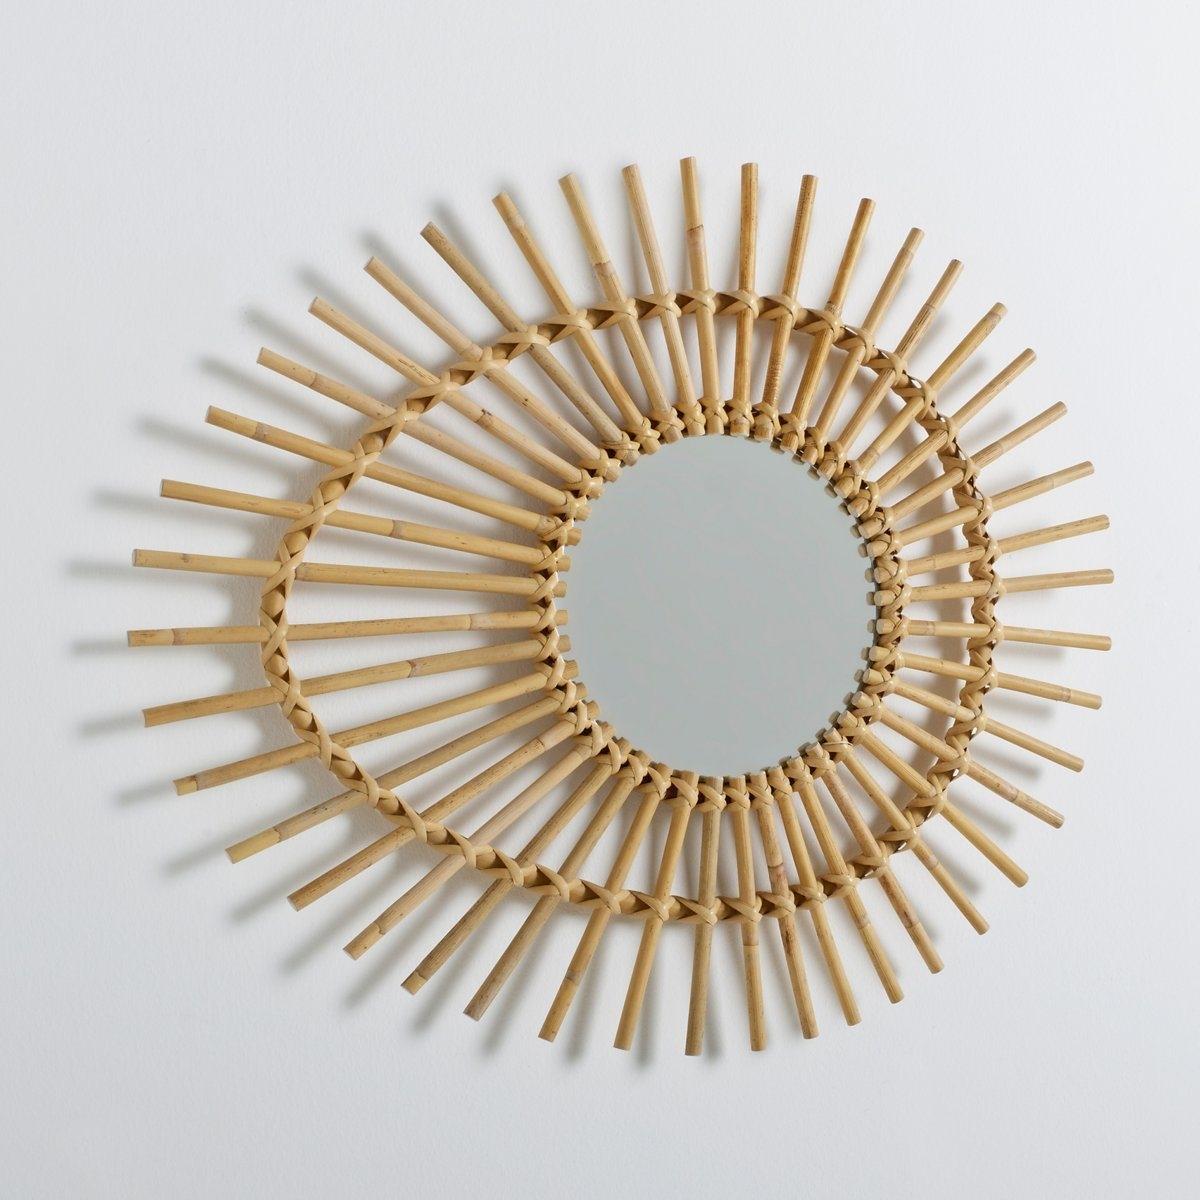 Винтажное La Redoute Зеркало Nogu в форме глаза из ротанга единый размер бежевый зеркало la redoute из ротанга в форме яблока nogu единый размер бежевый